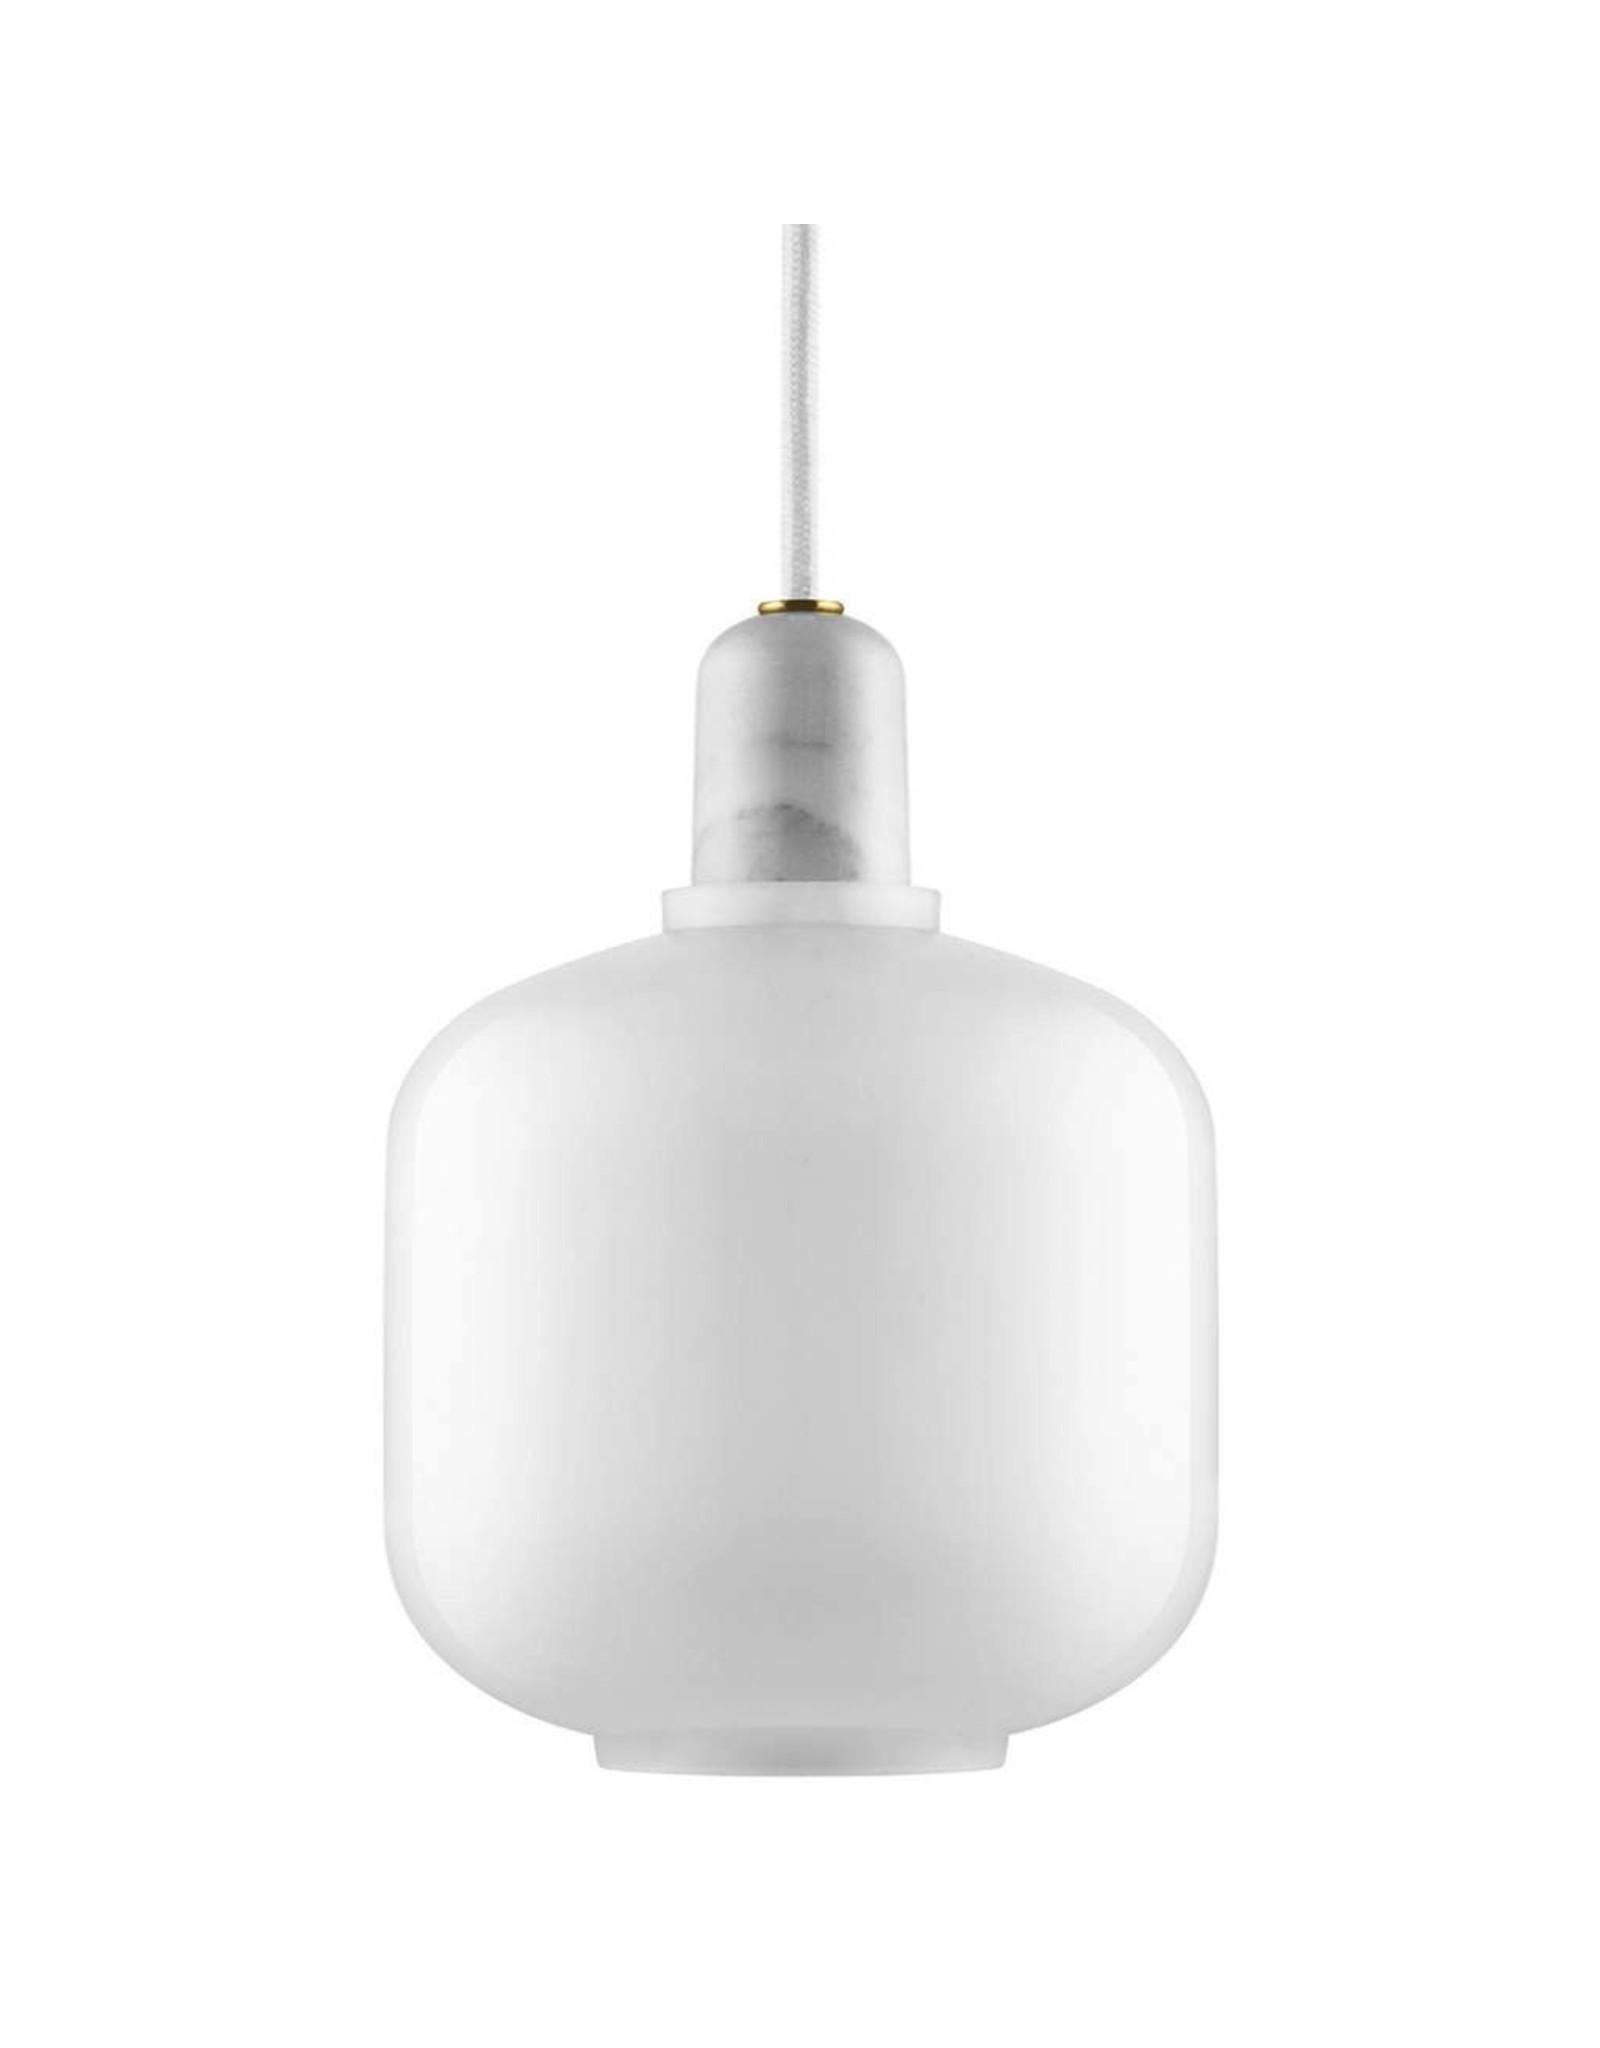 verlichting Amp Lamp Small White/White